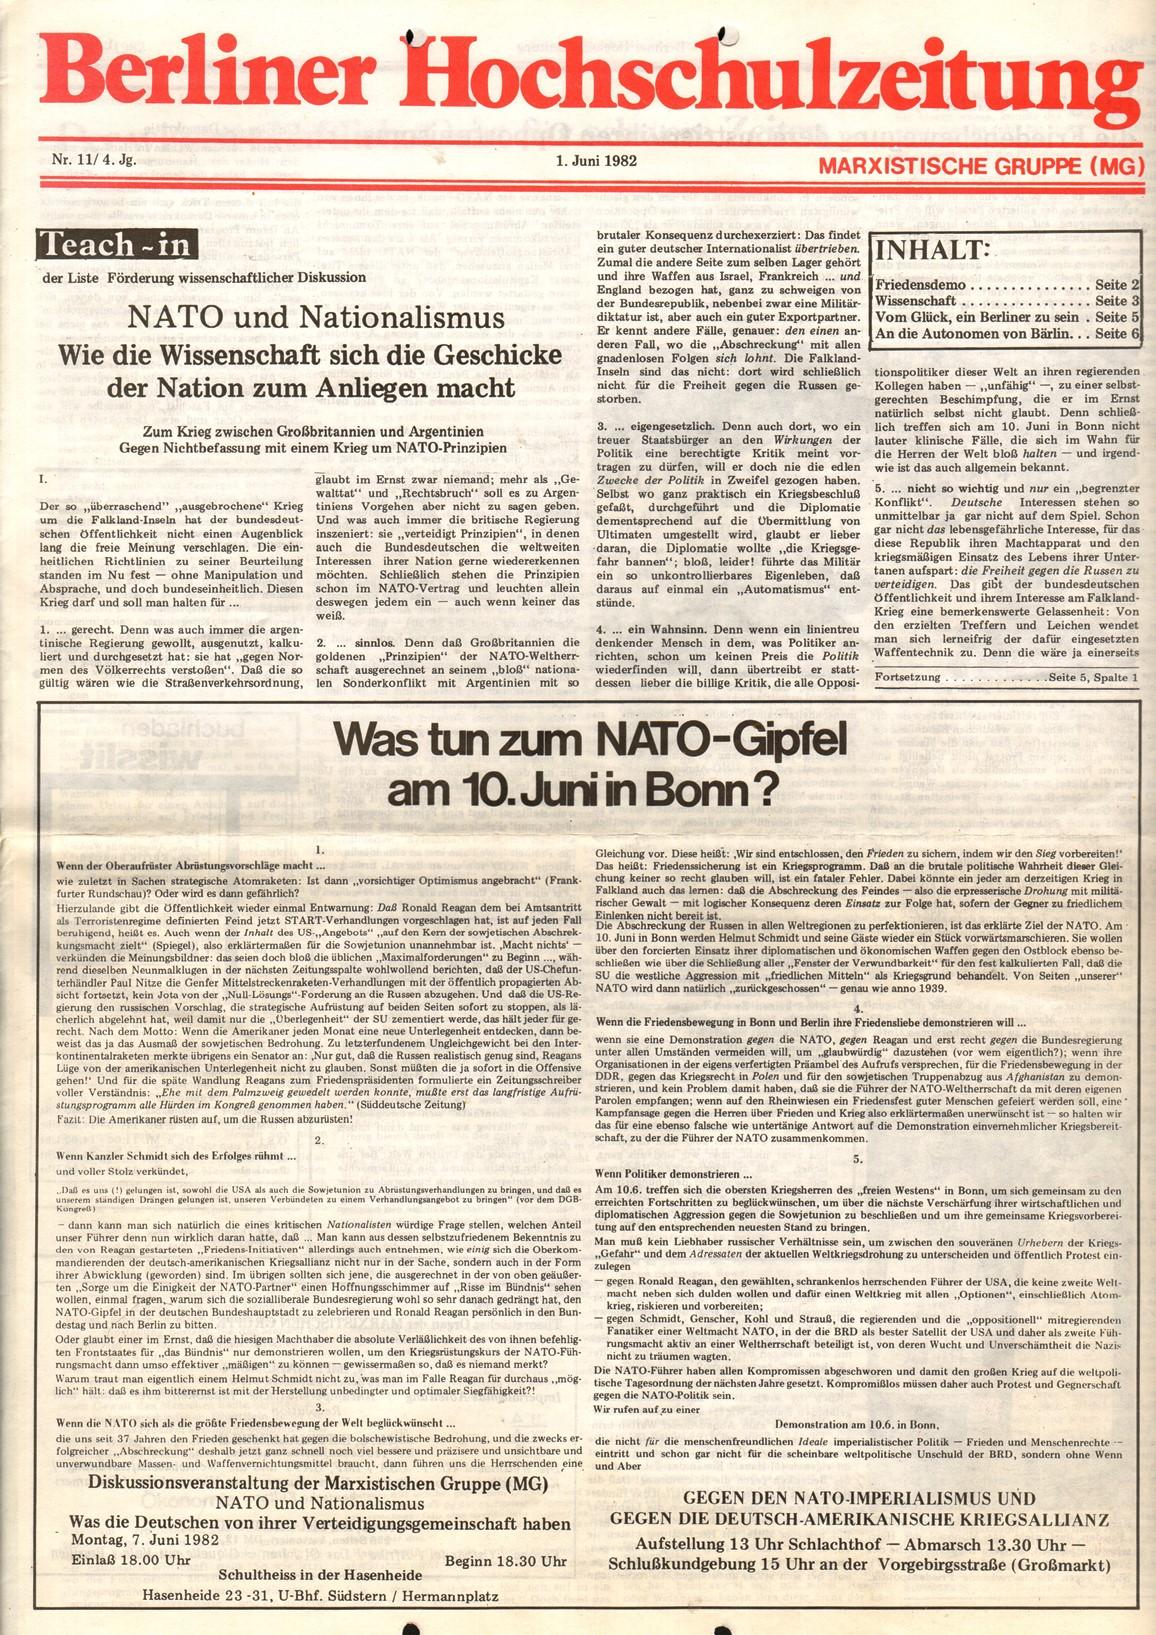 Berlin_MG_Hochschulzeitung_19820601_01